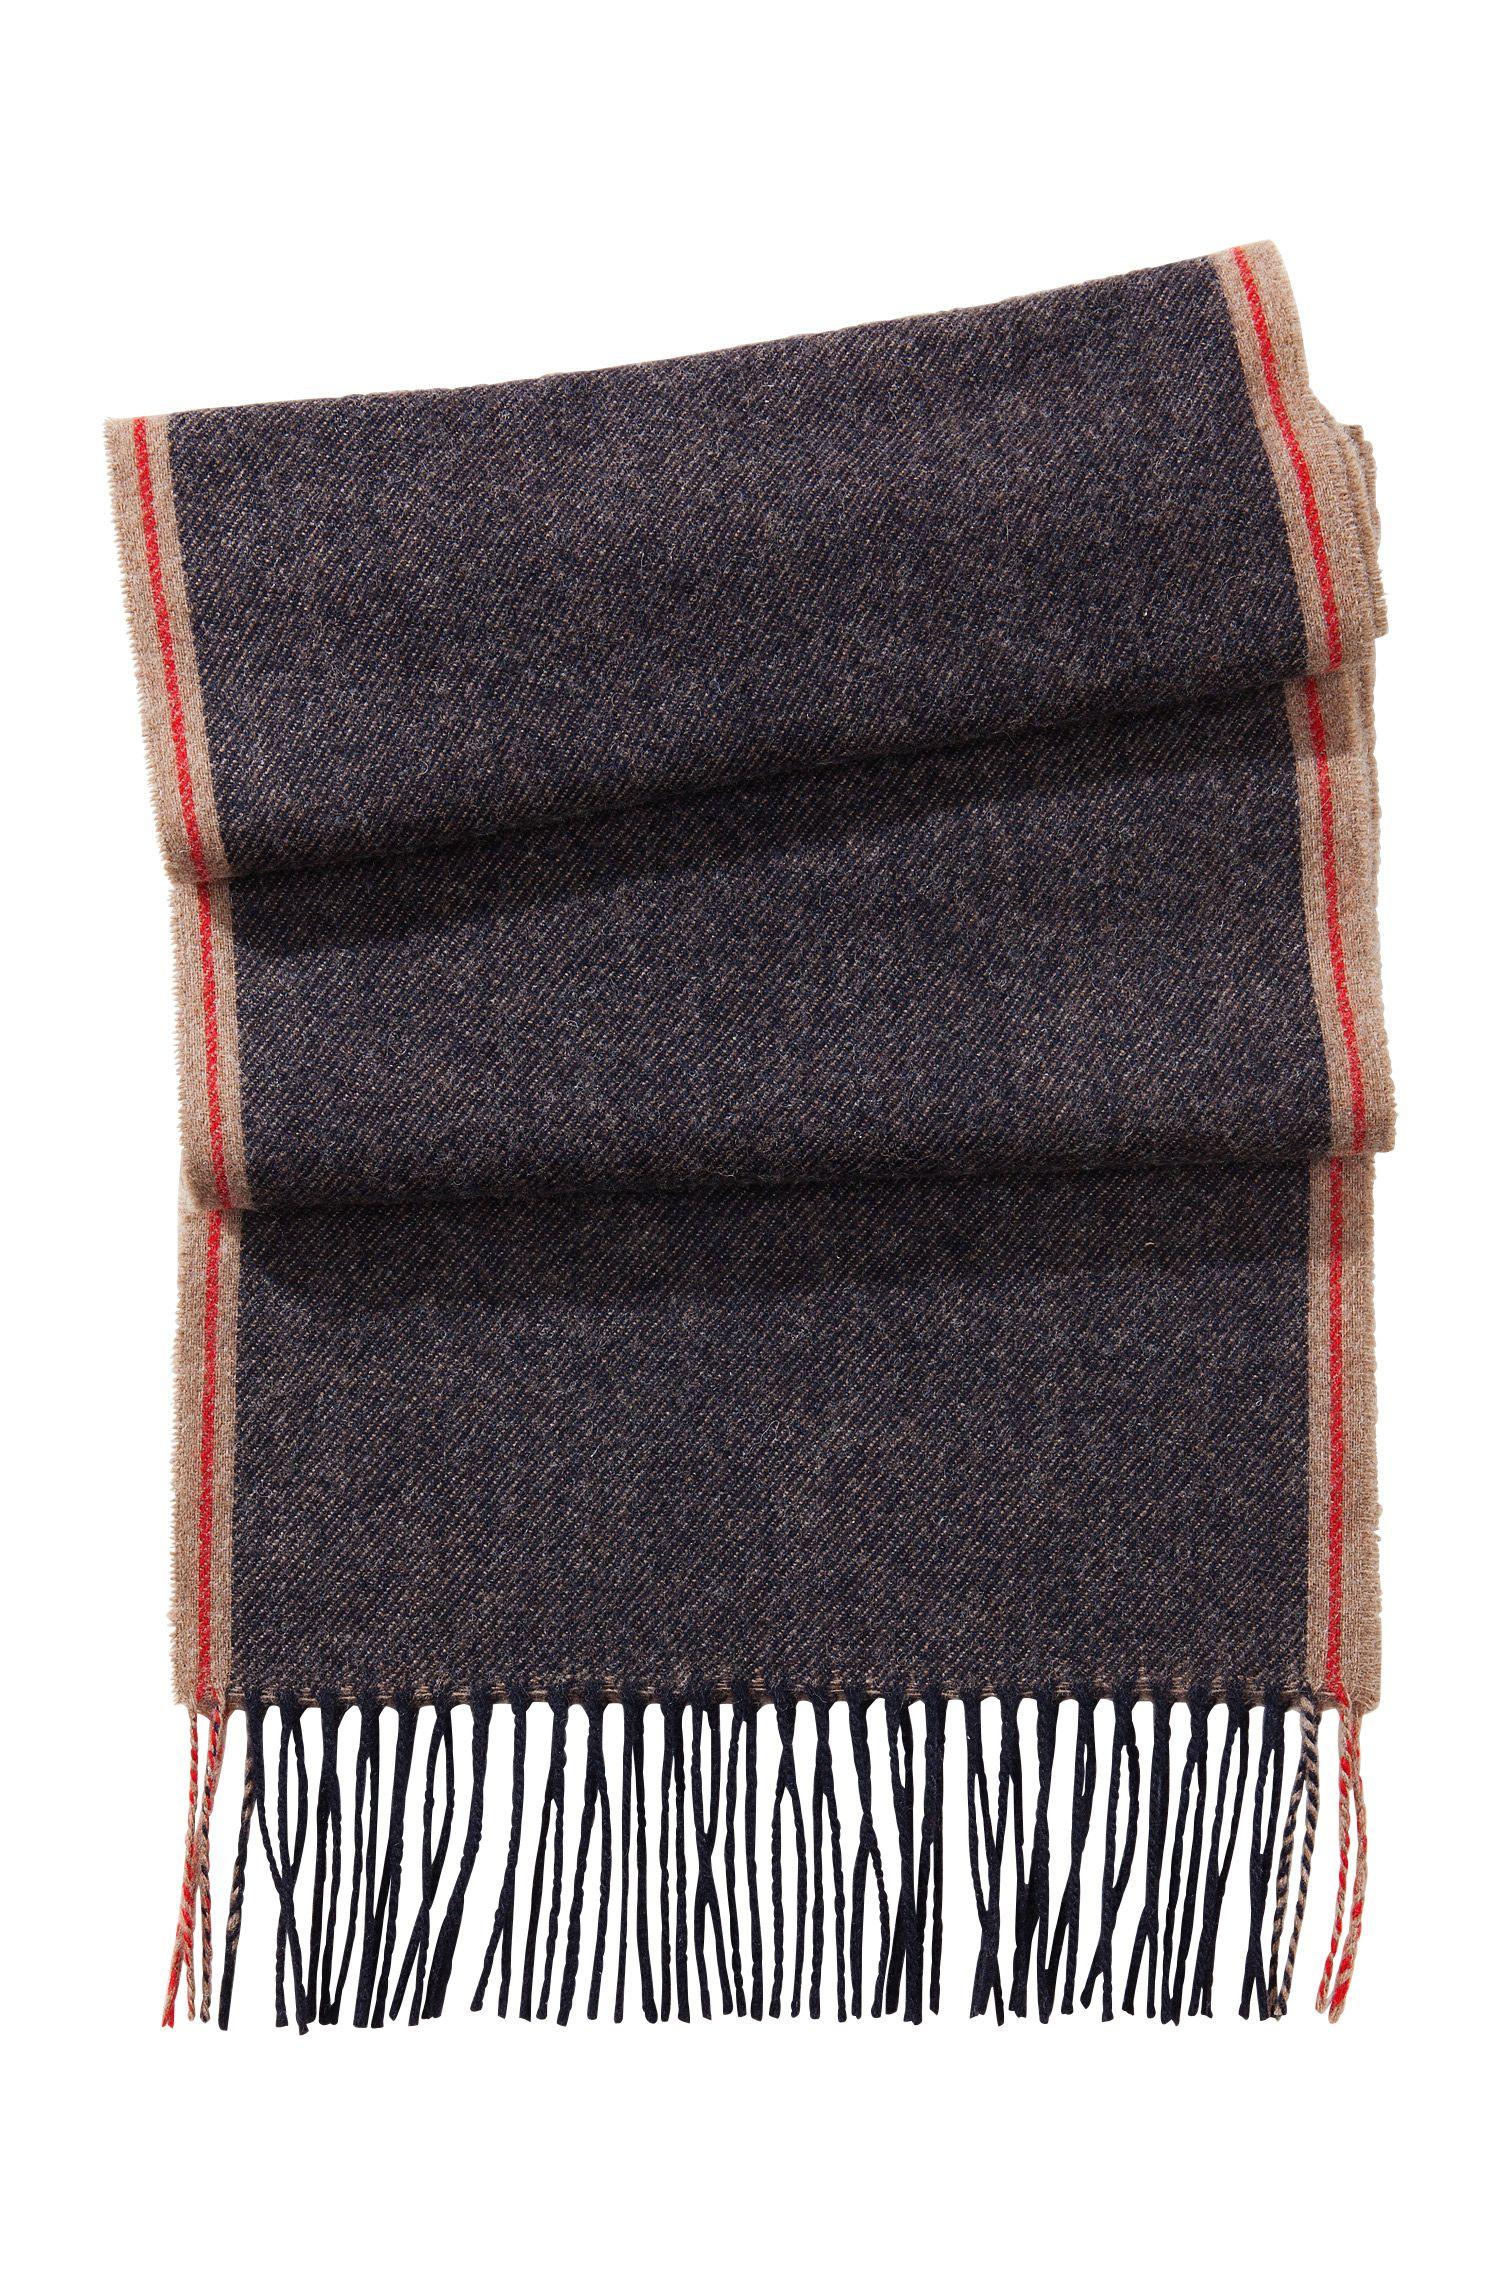 Sjaal ´Neans-1`, van scheerwol